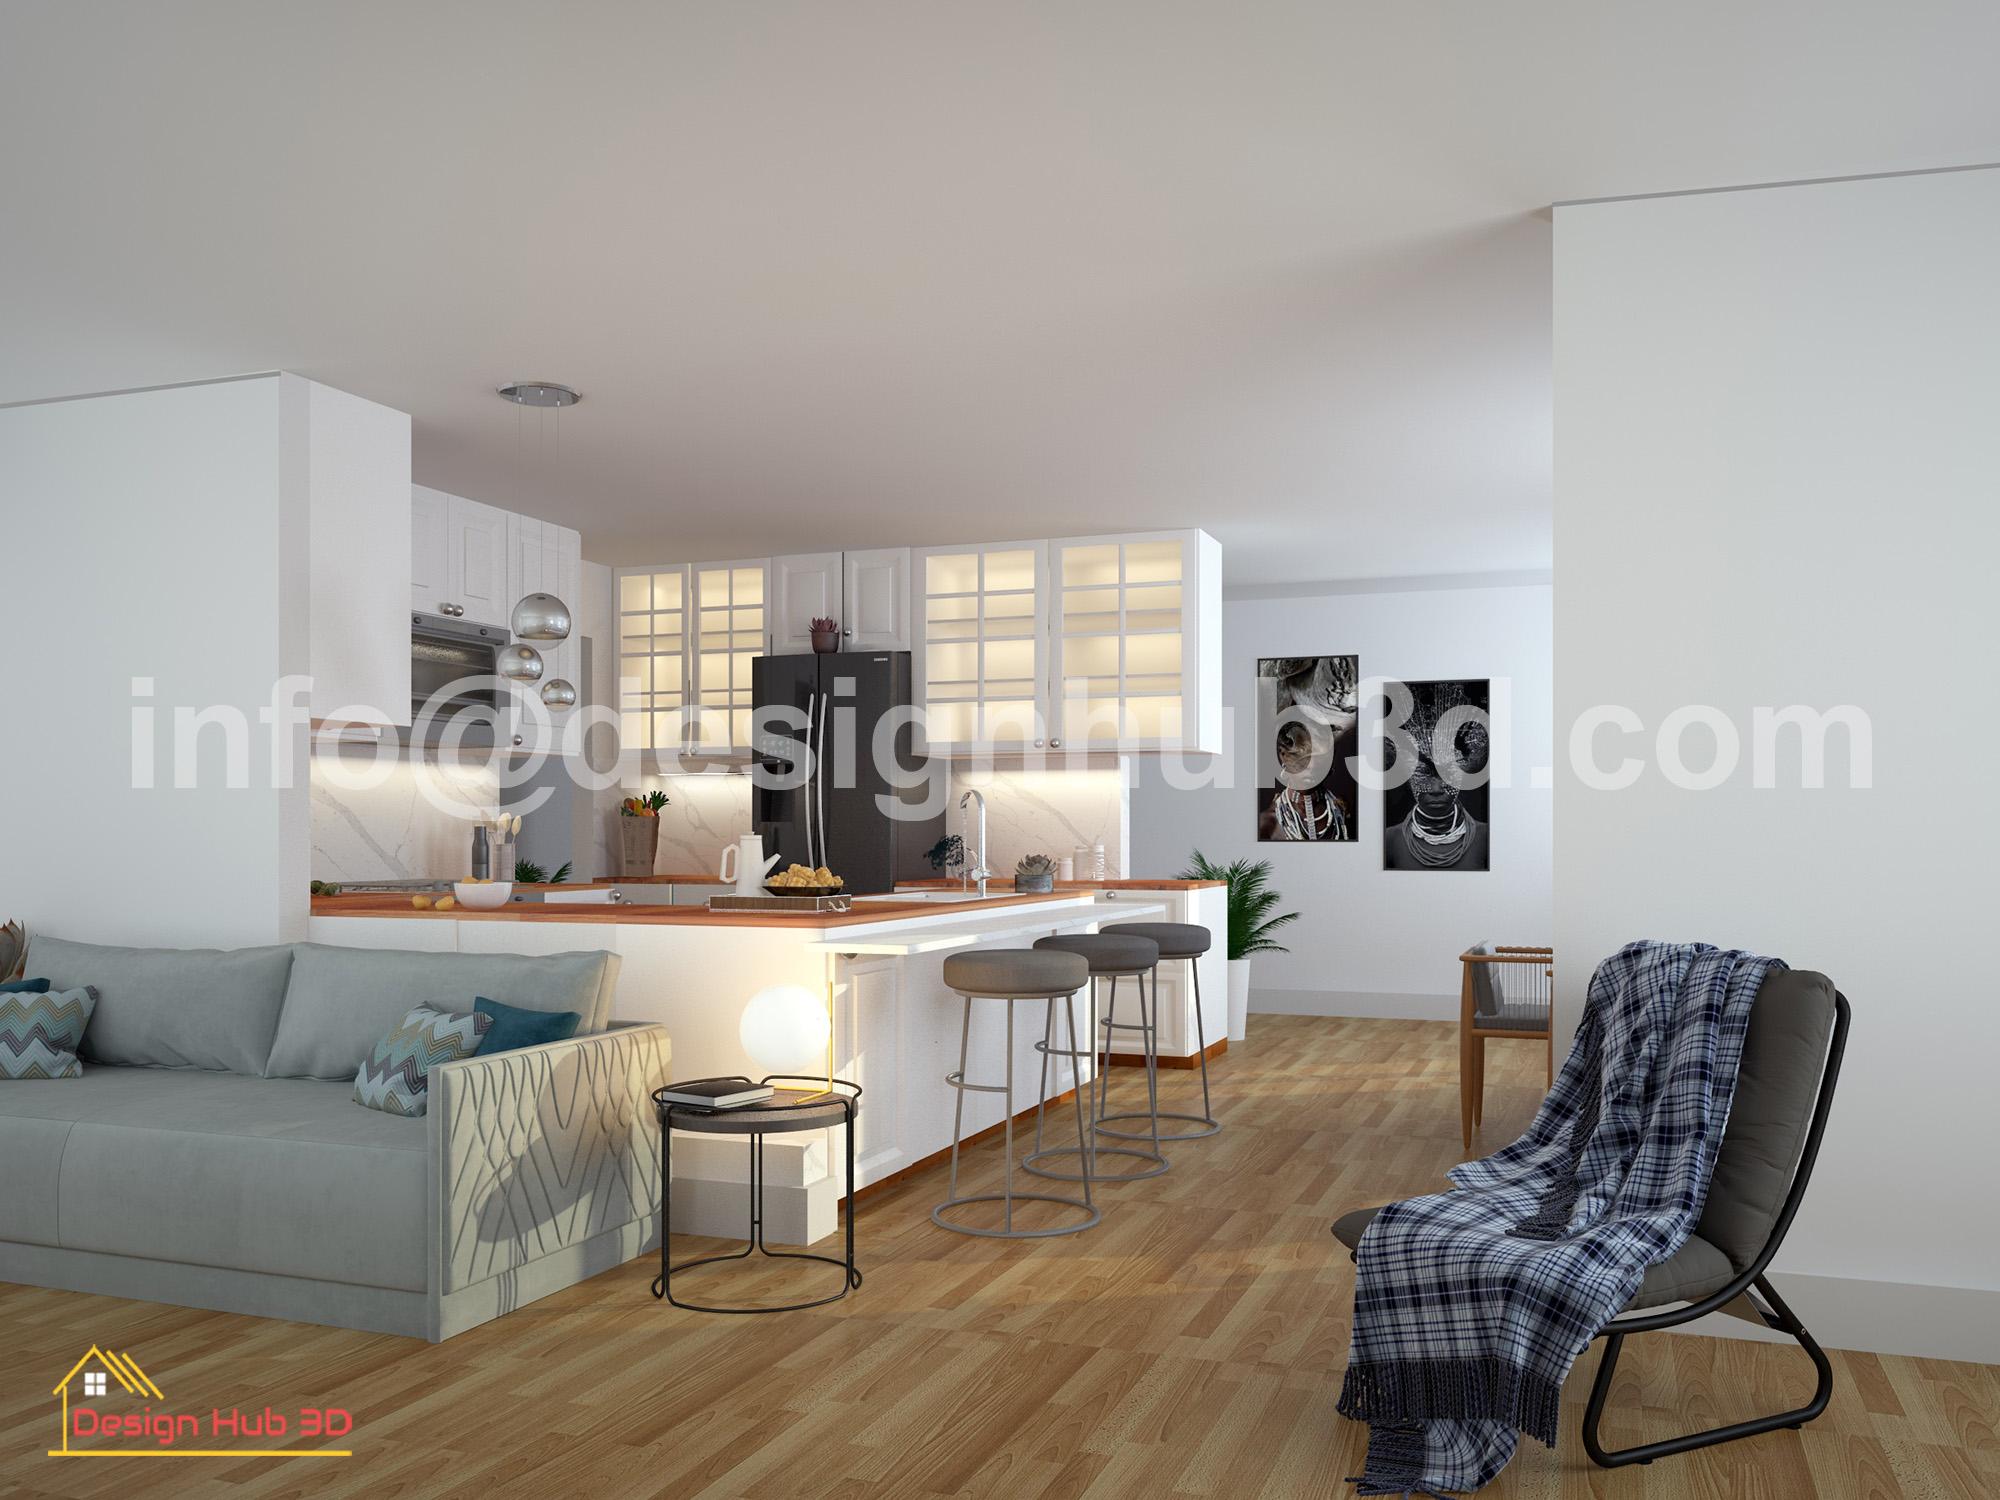 Residence-Living-room (3)